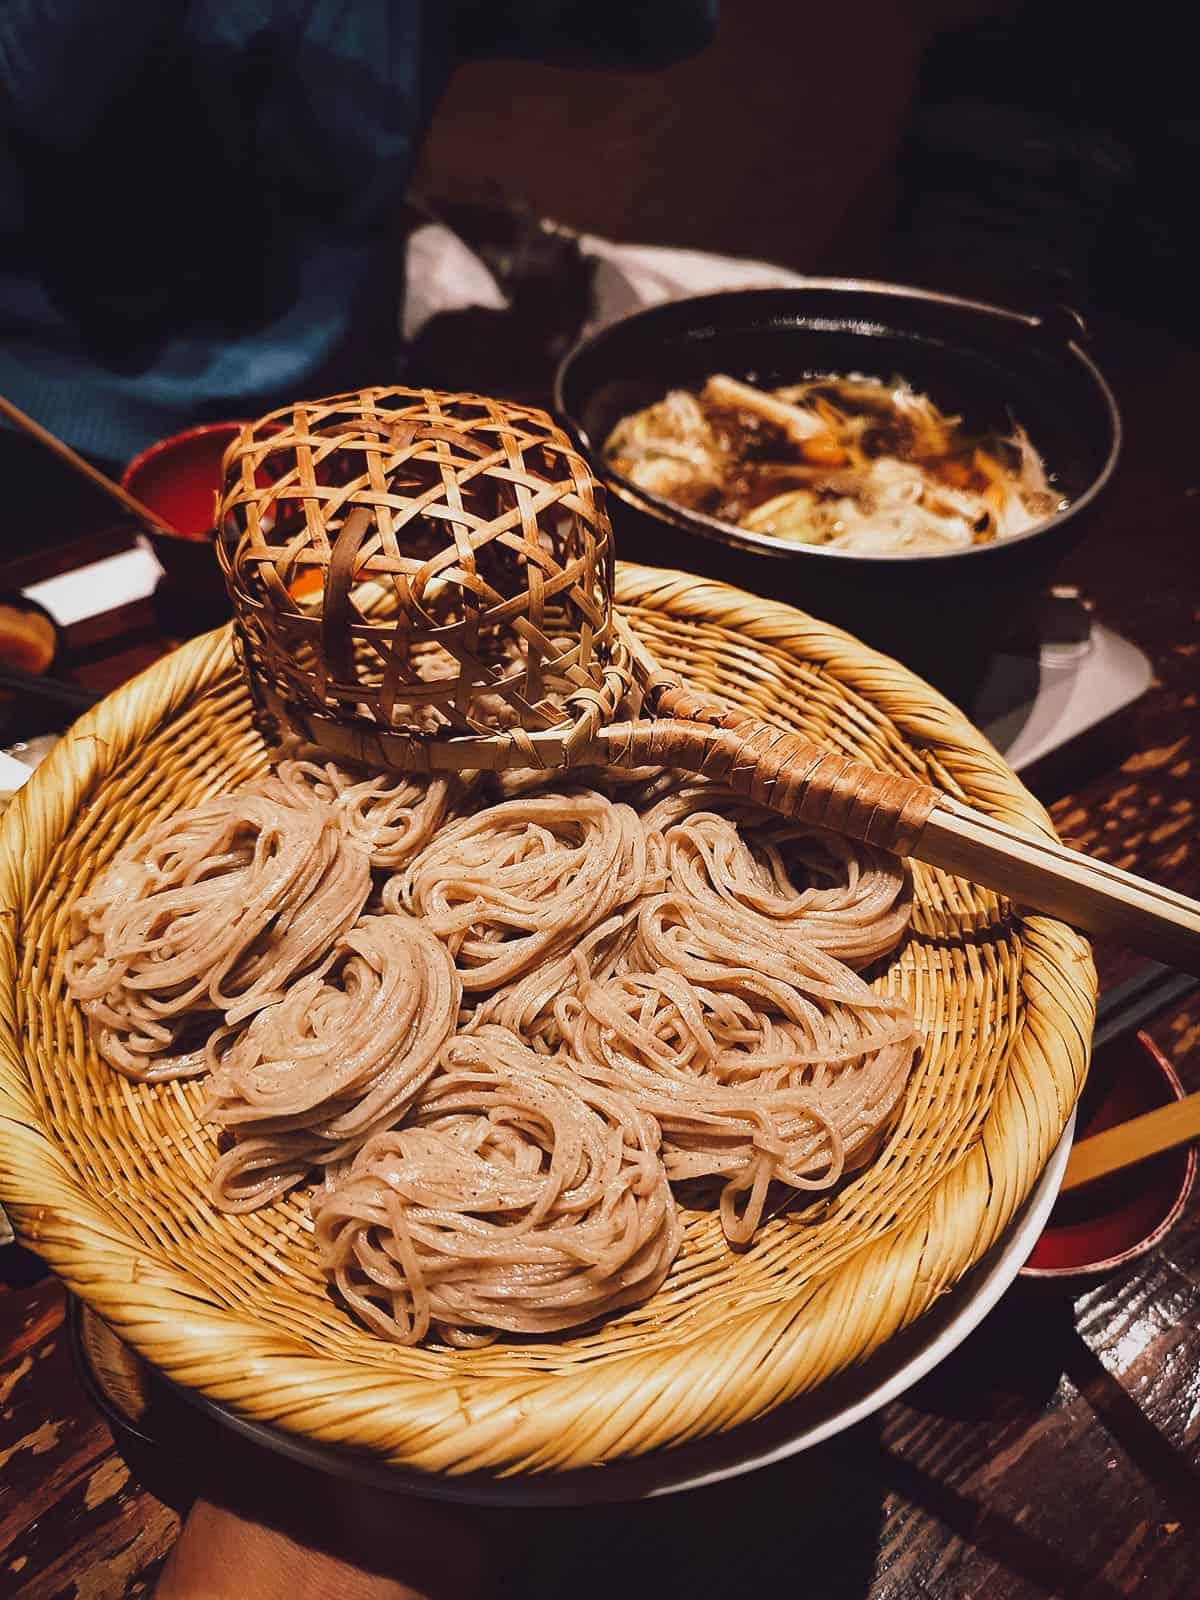 Shinshu soba